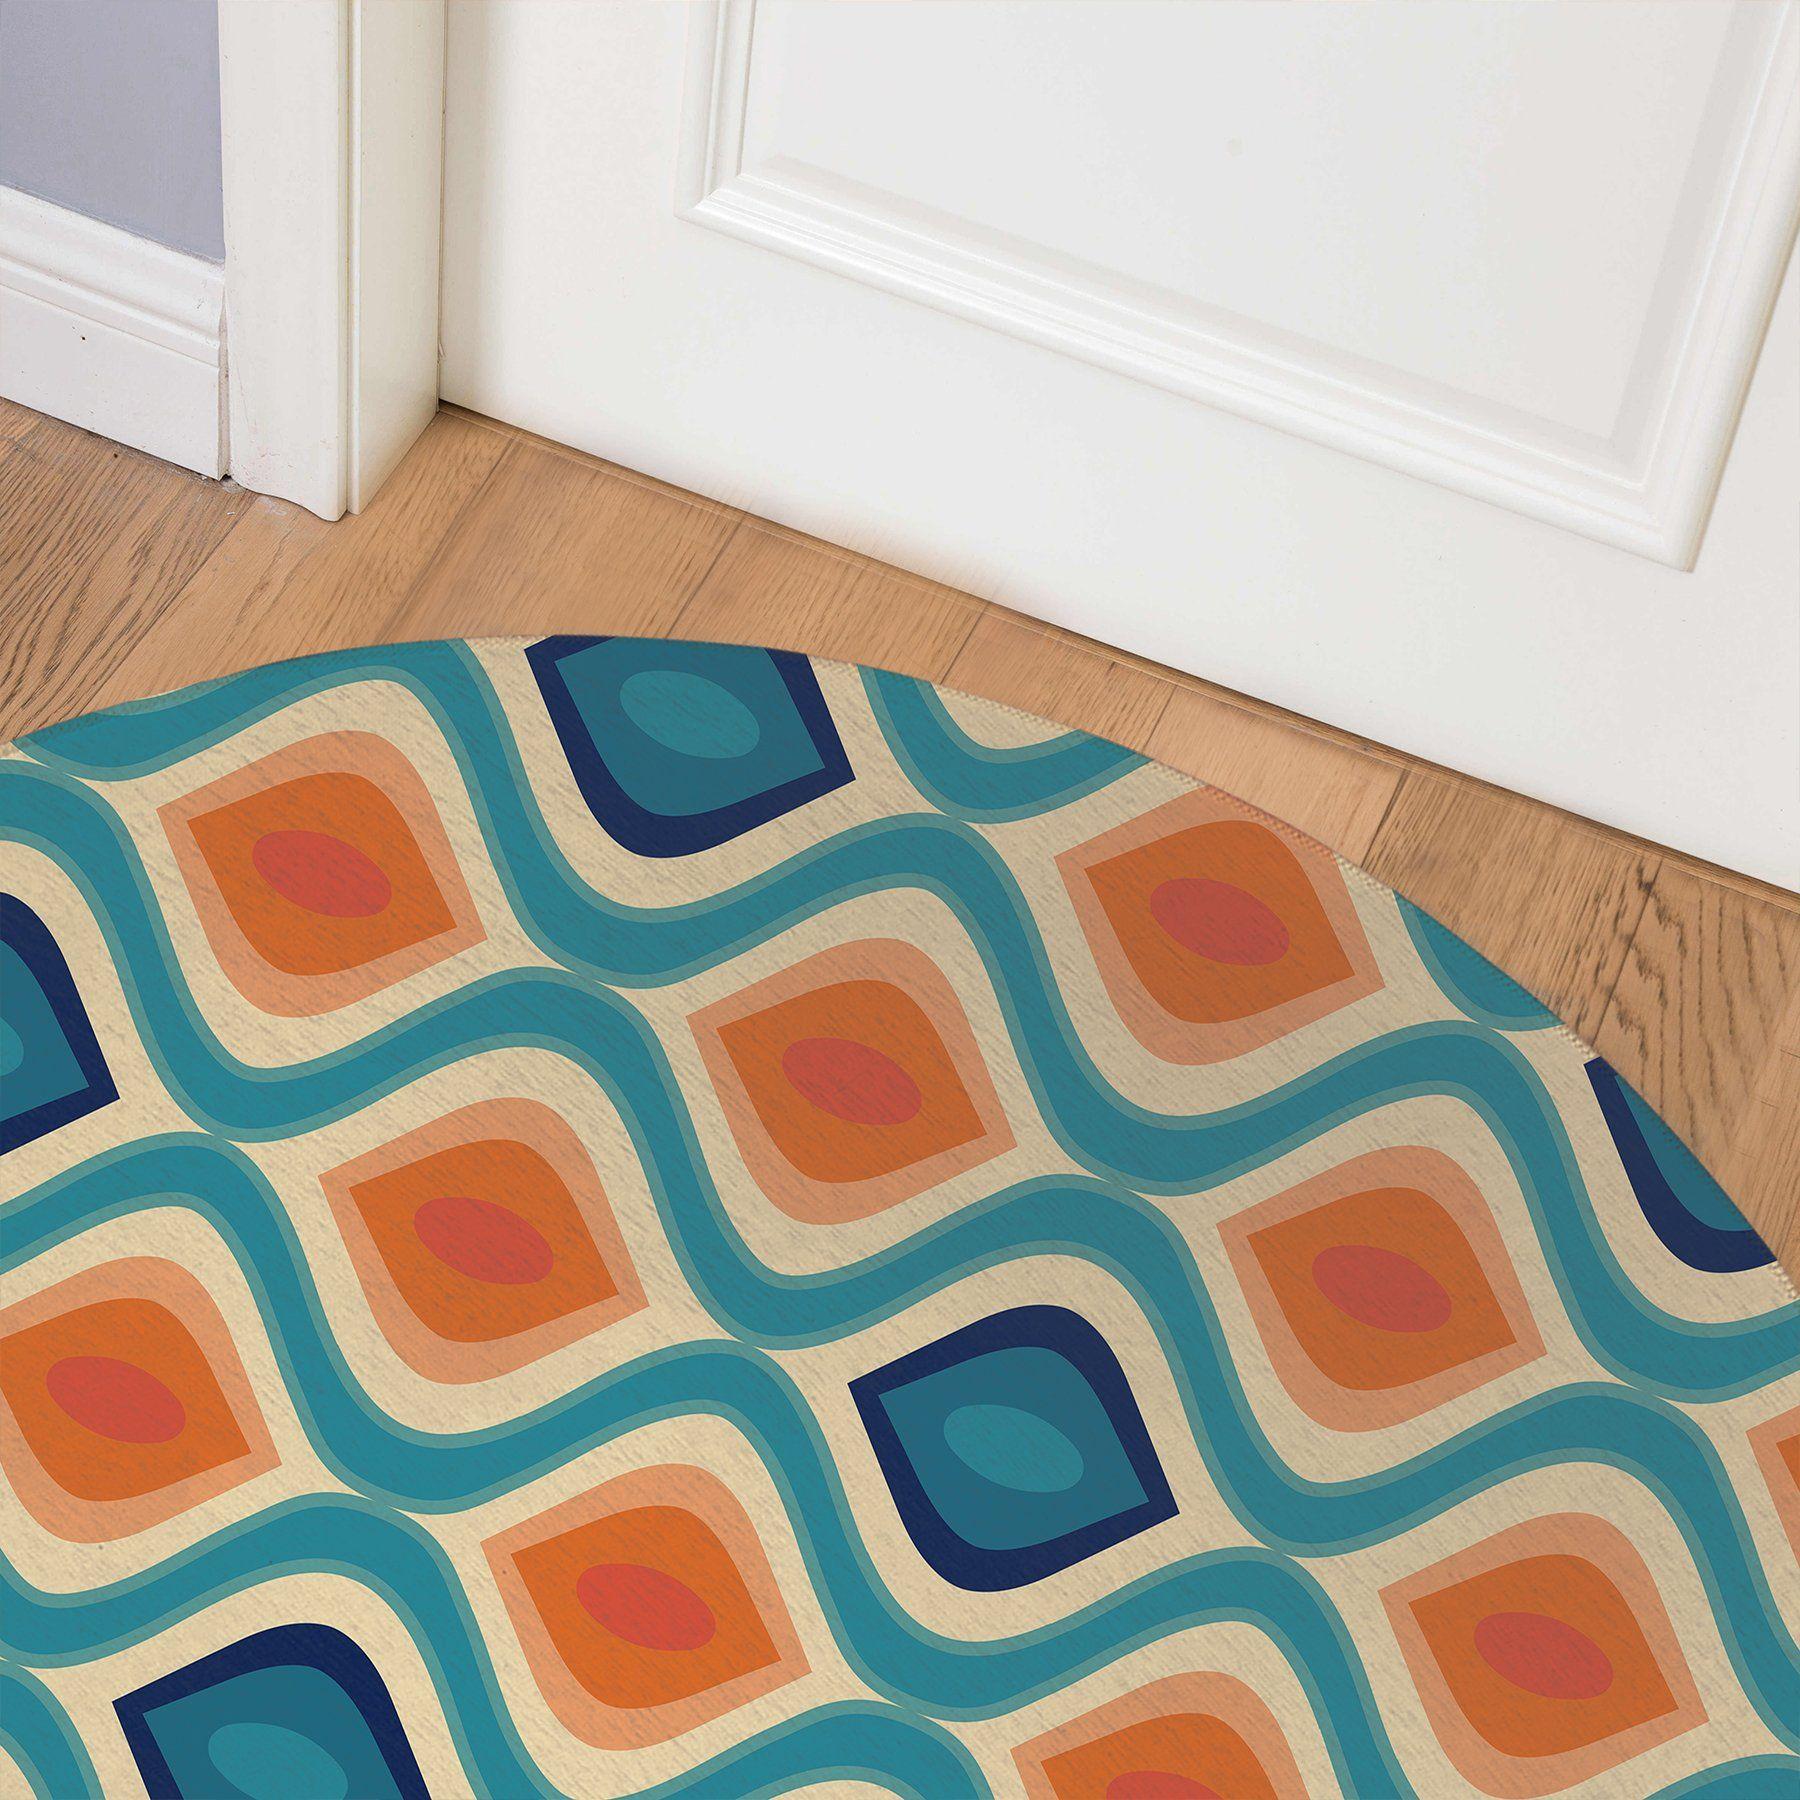 YE ORANGE AND BLUE Indoor Floor Mat By Terri Ellis – Round 5ft x 5ft